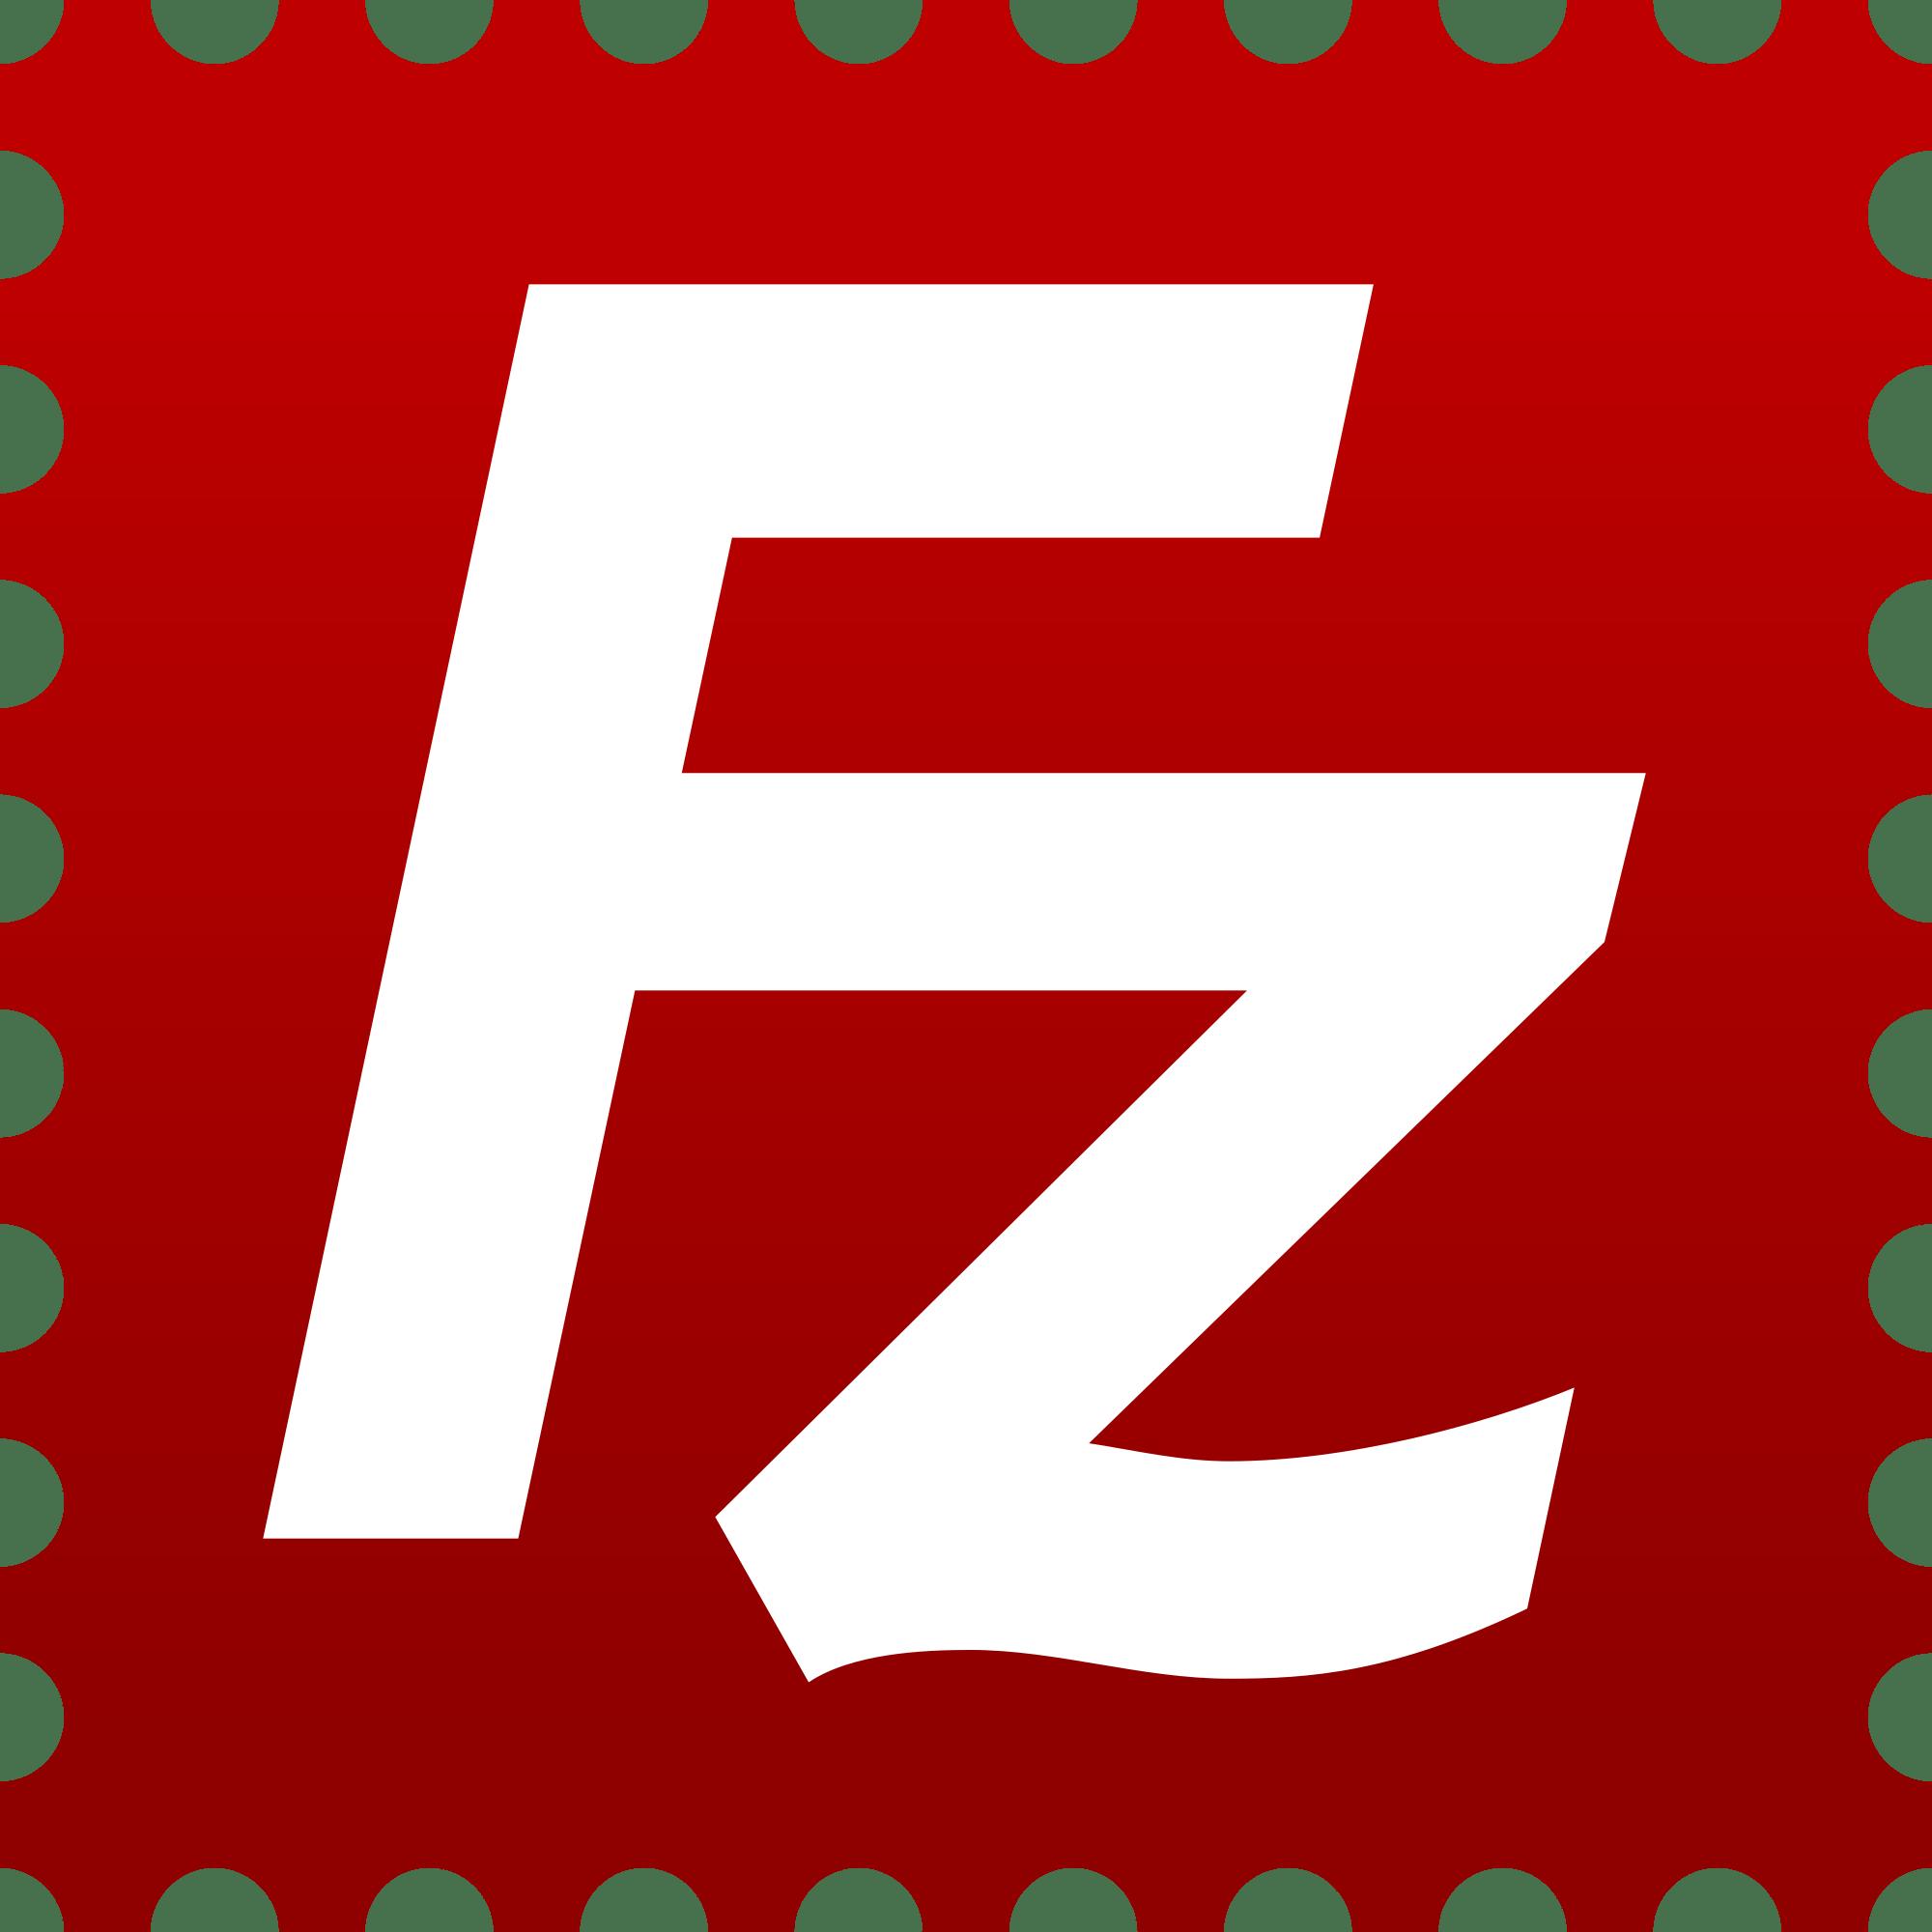 Filezilla Logo transparent PNG.